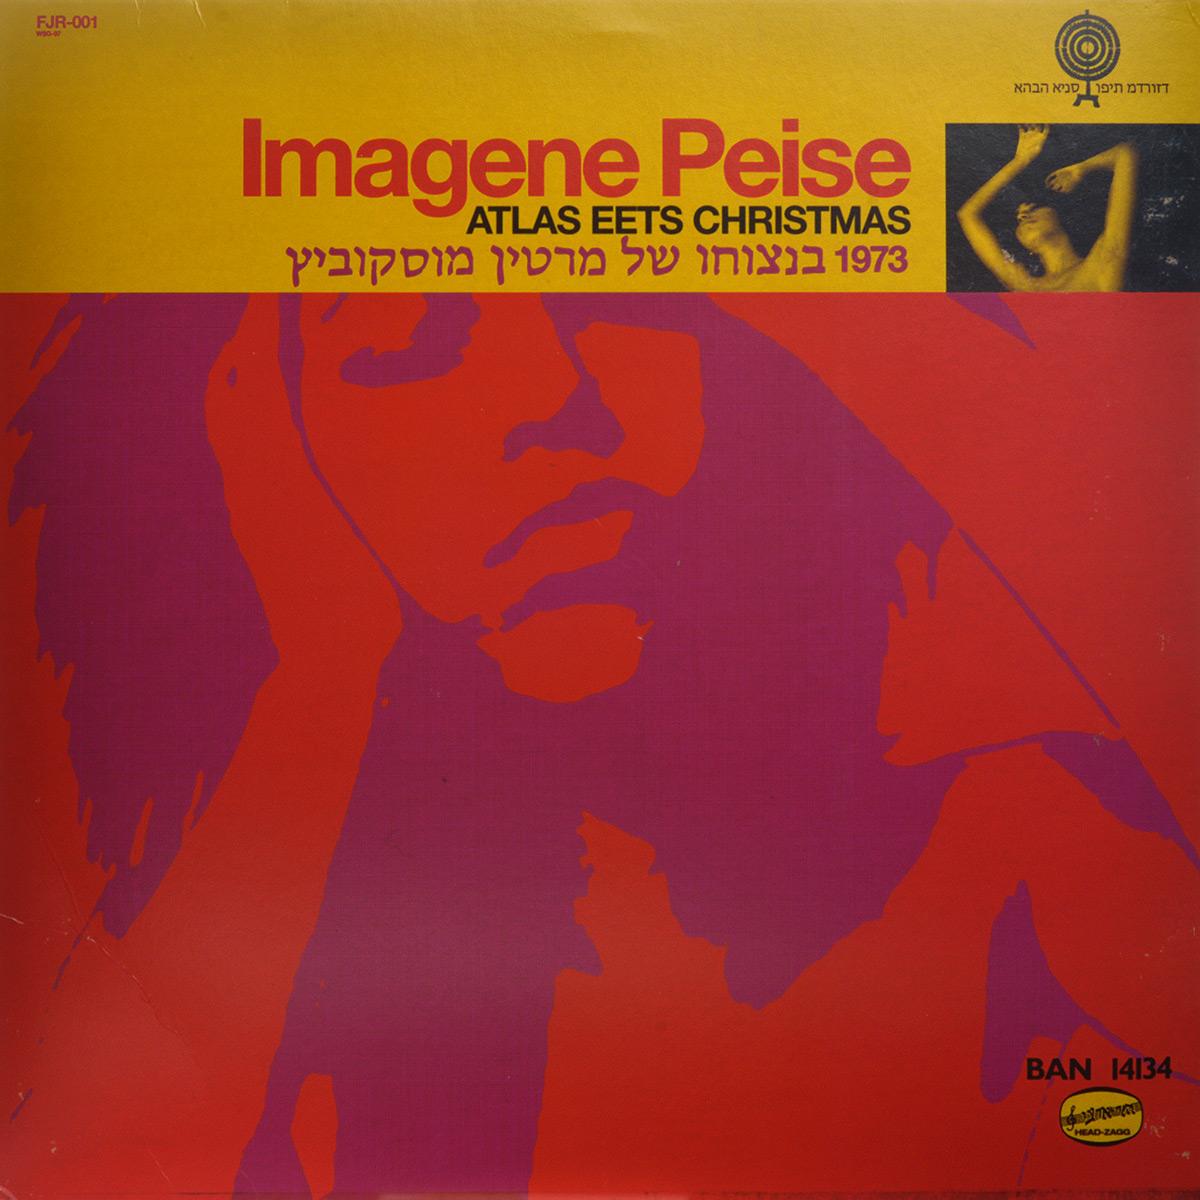 LP 1 - Side 1 Tracks 1 - 5LP 1 - Side 2 Tracks 6 - 11